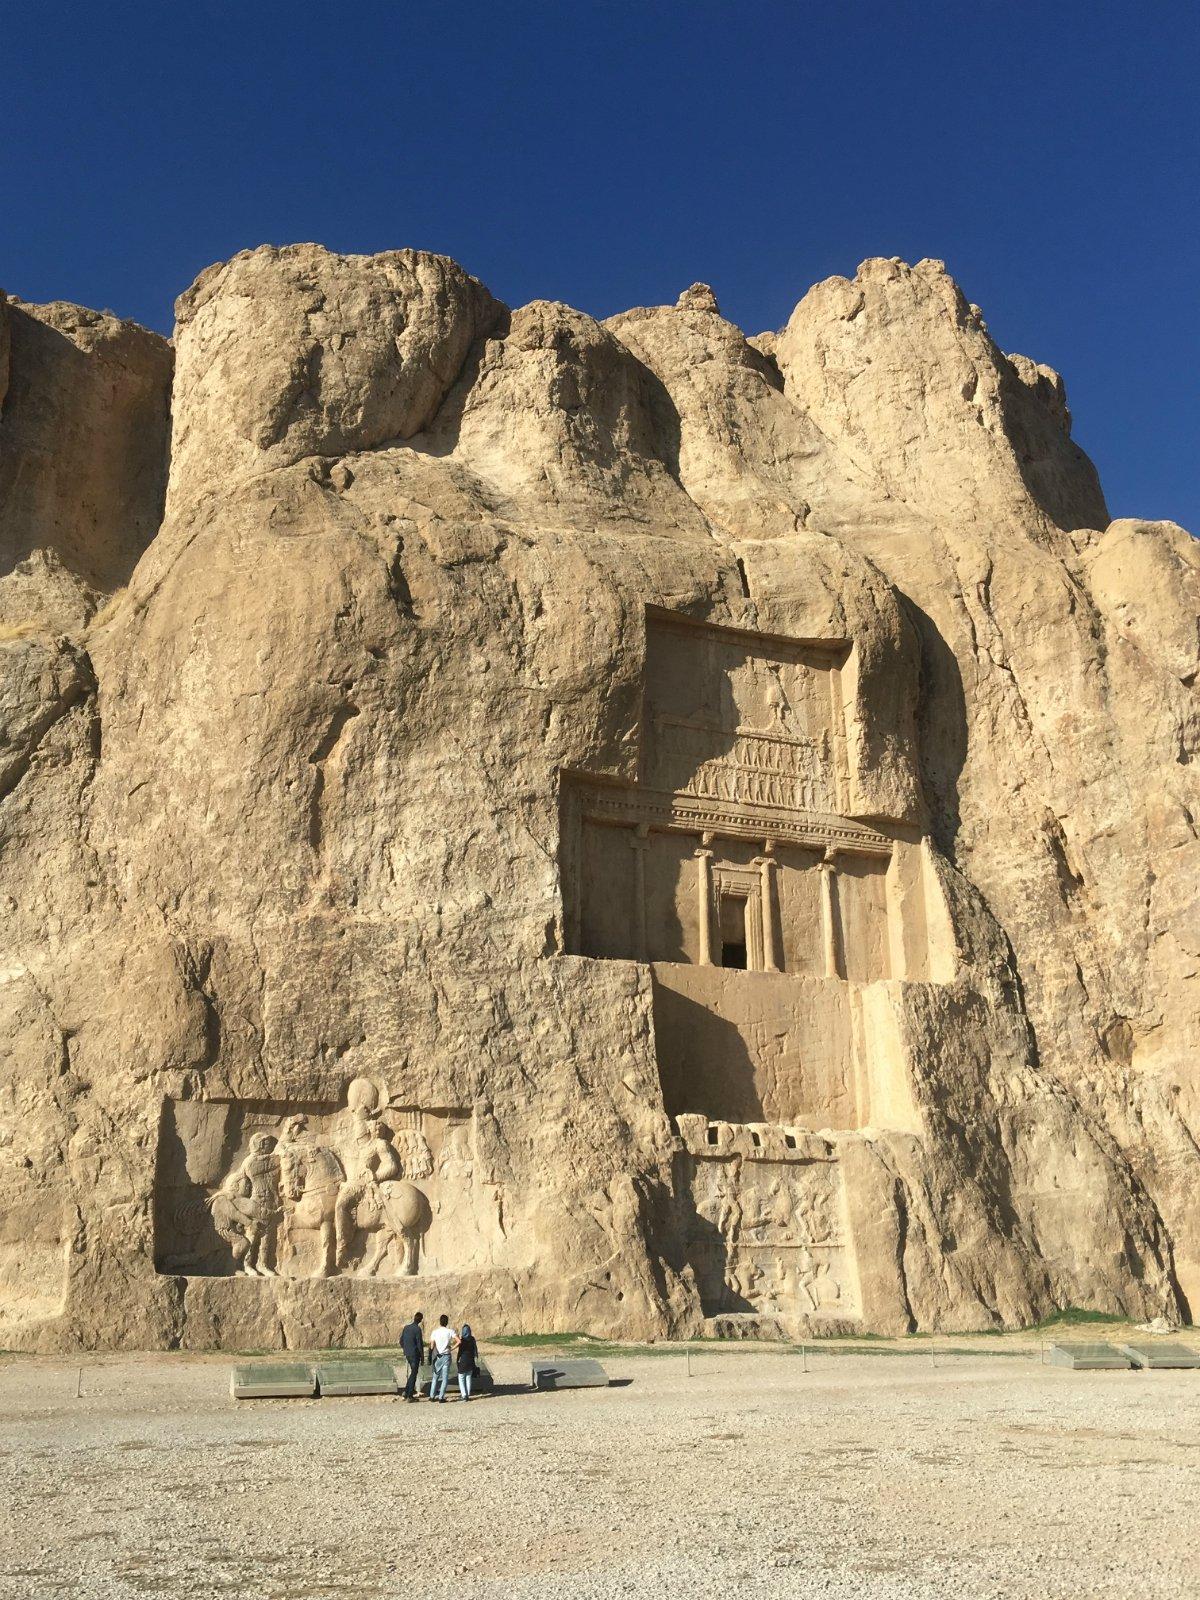 2019波斯帝陵和萨珊绳子包车攻略,浮雕游玩前沙漠2攻略建议割20图片